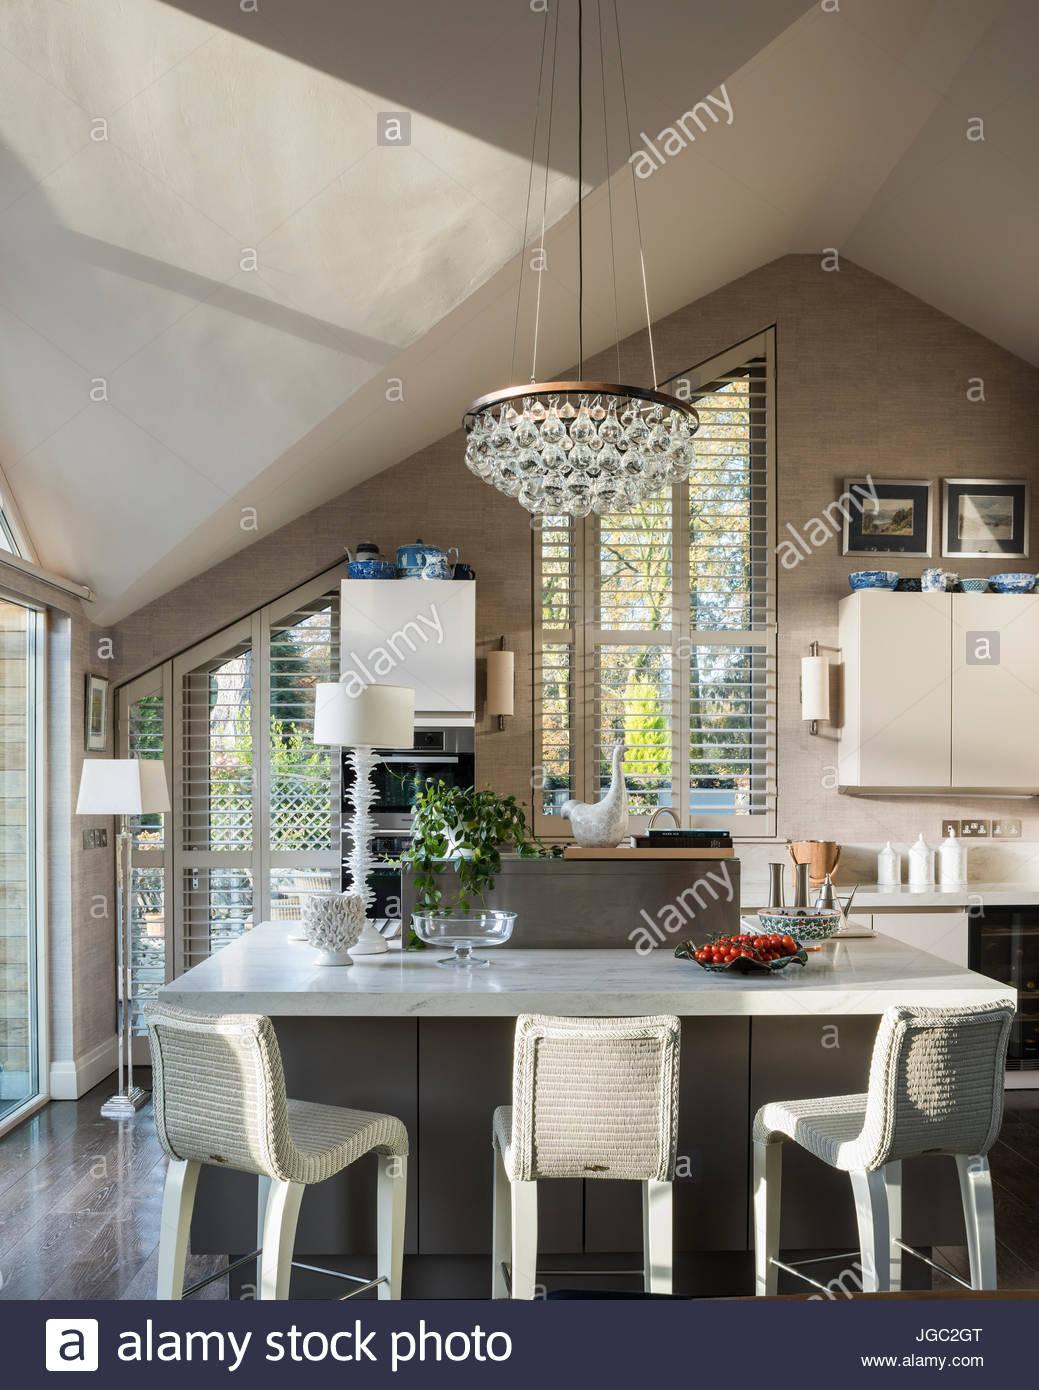 Pendente para lâmpada acima de pequeno-almoço bar em uma estrutura de cozinha Imagens de Stock